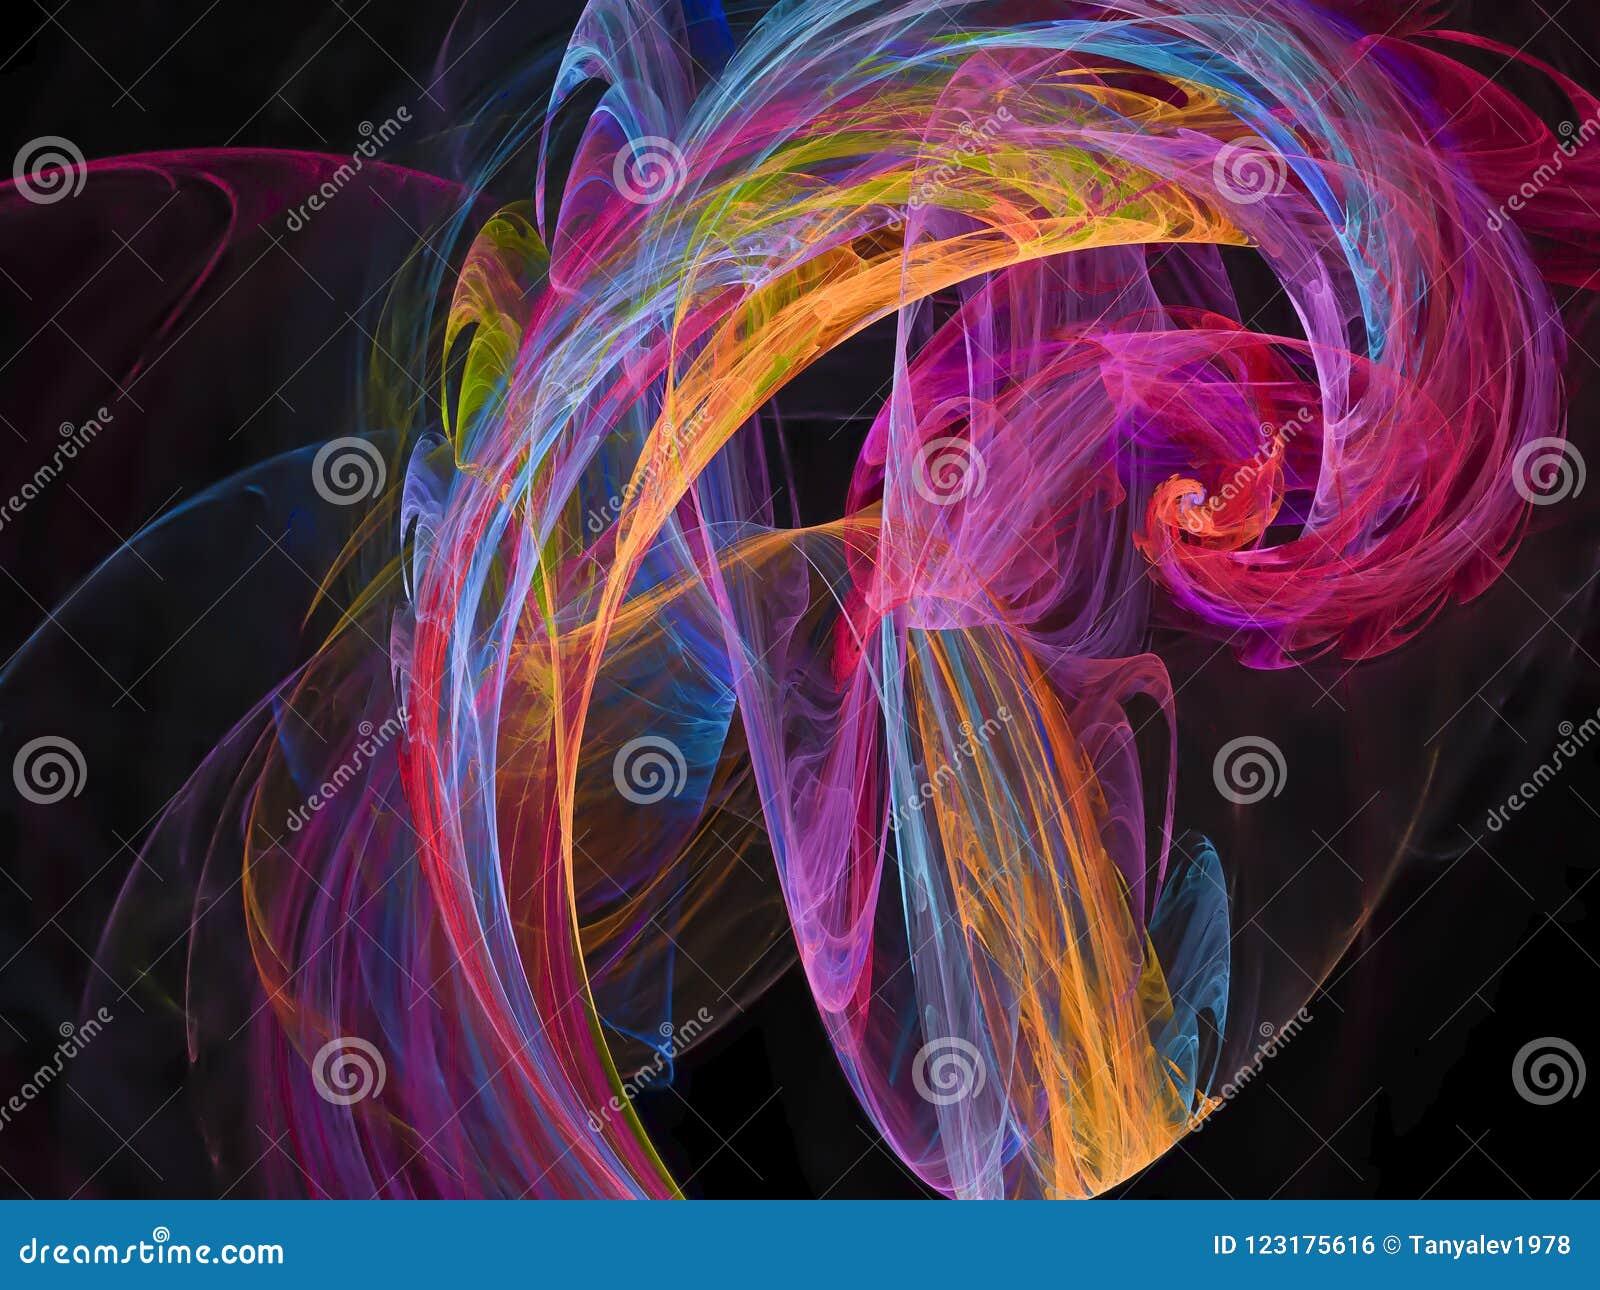 Картина фрактали абстрактной живой текстуры дизайна влияния цифрового верхнего слоя глубокой футуристическая